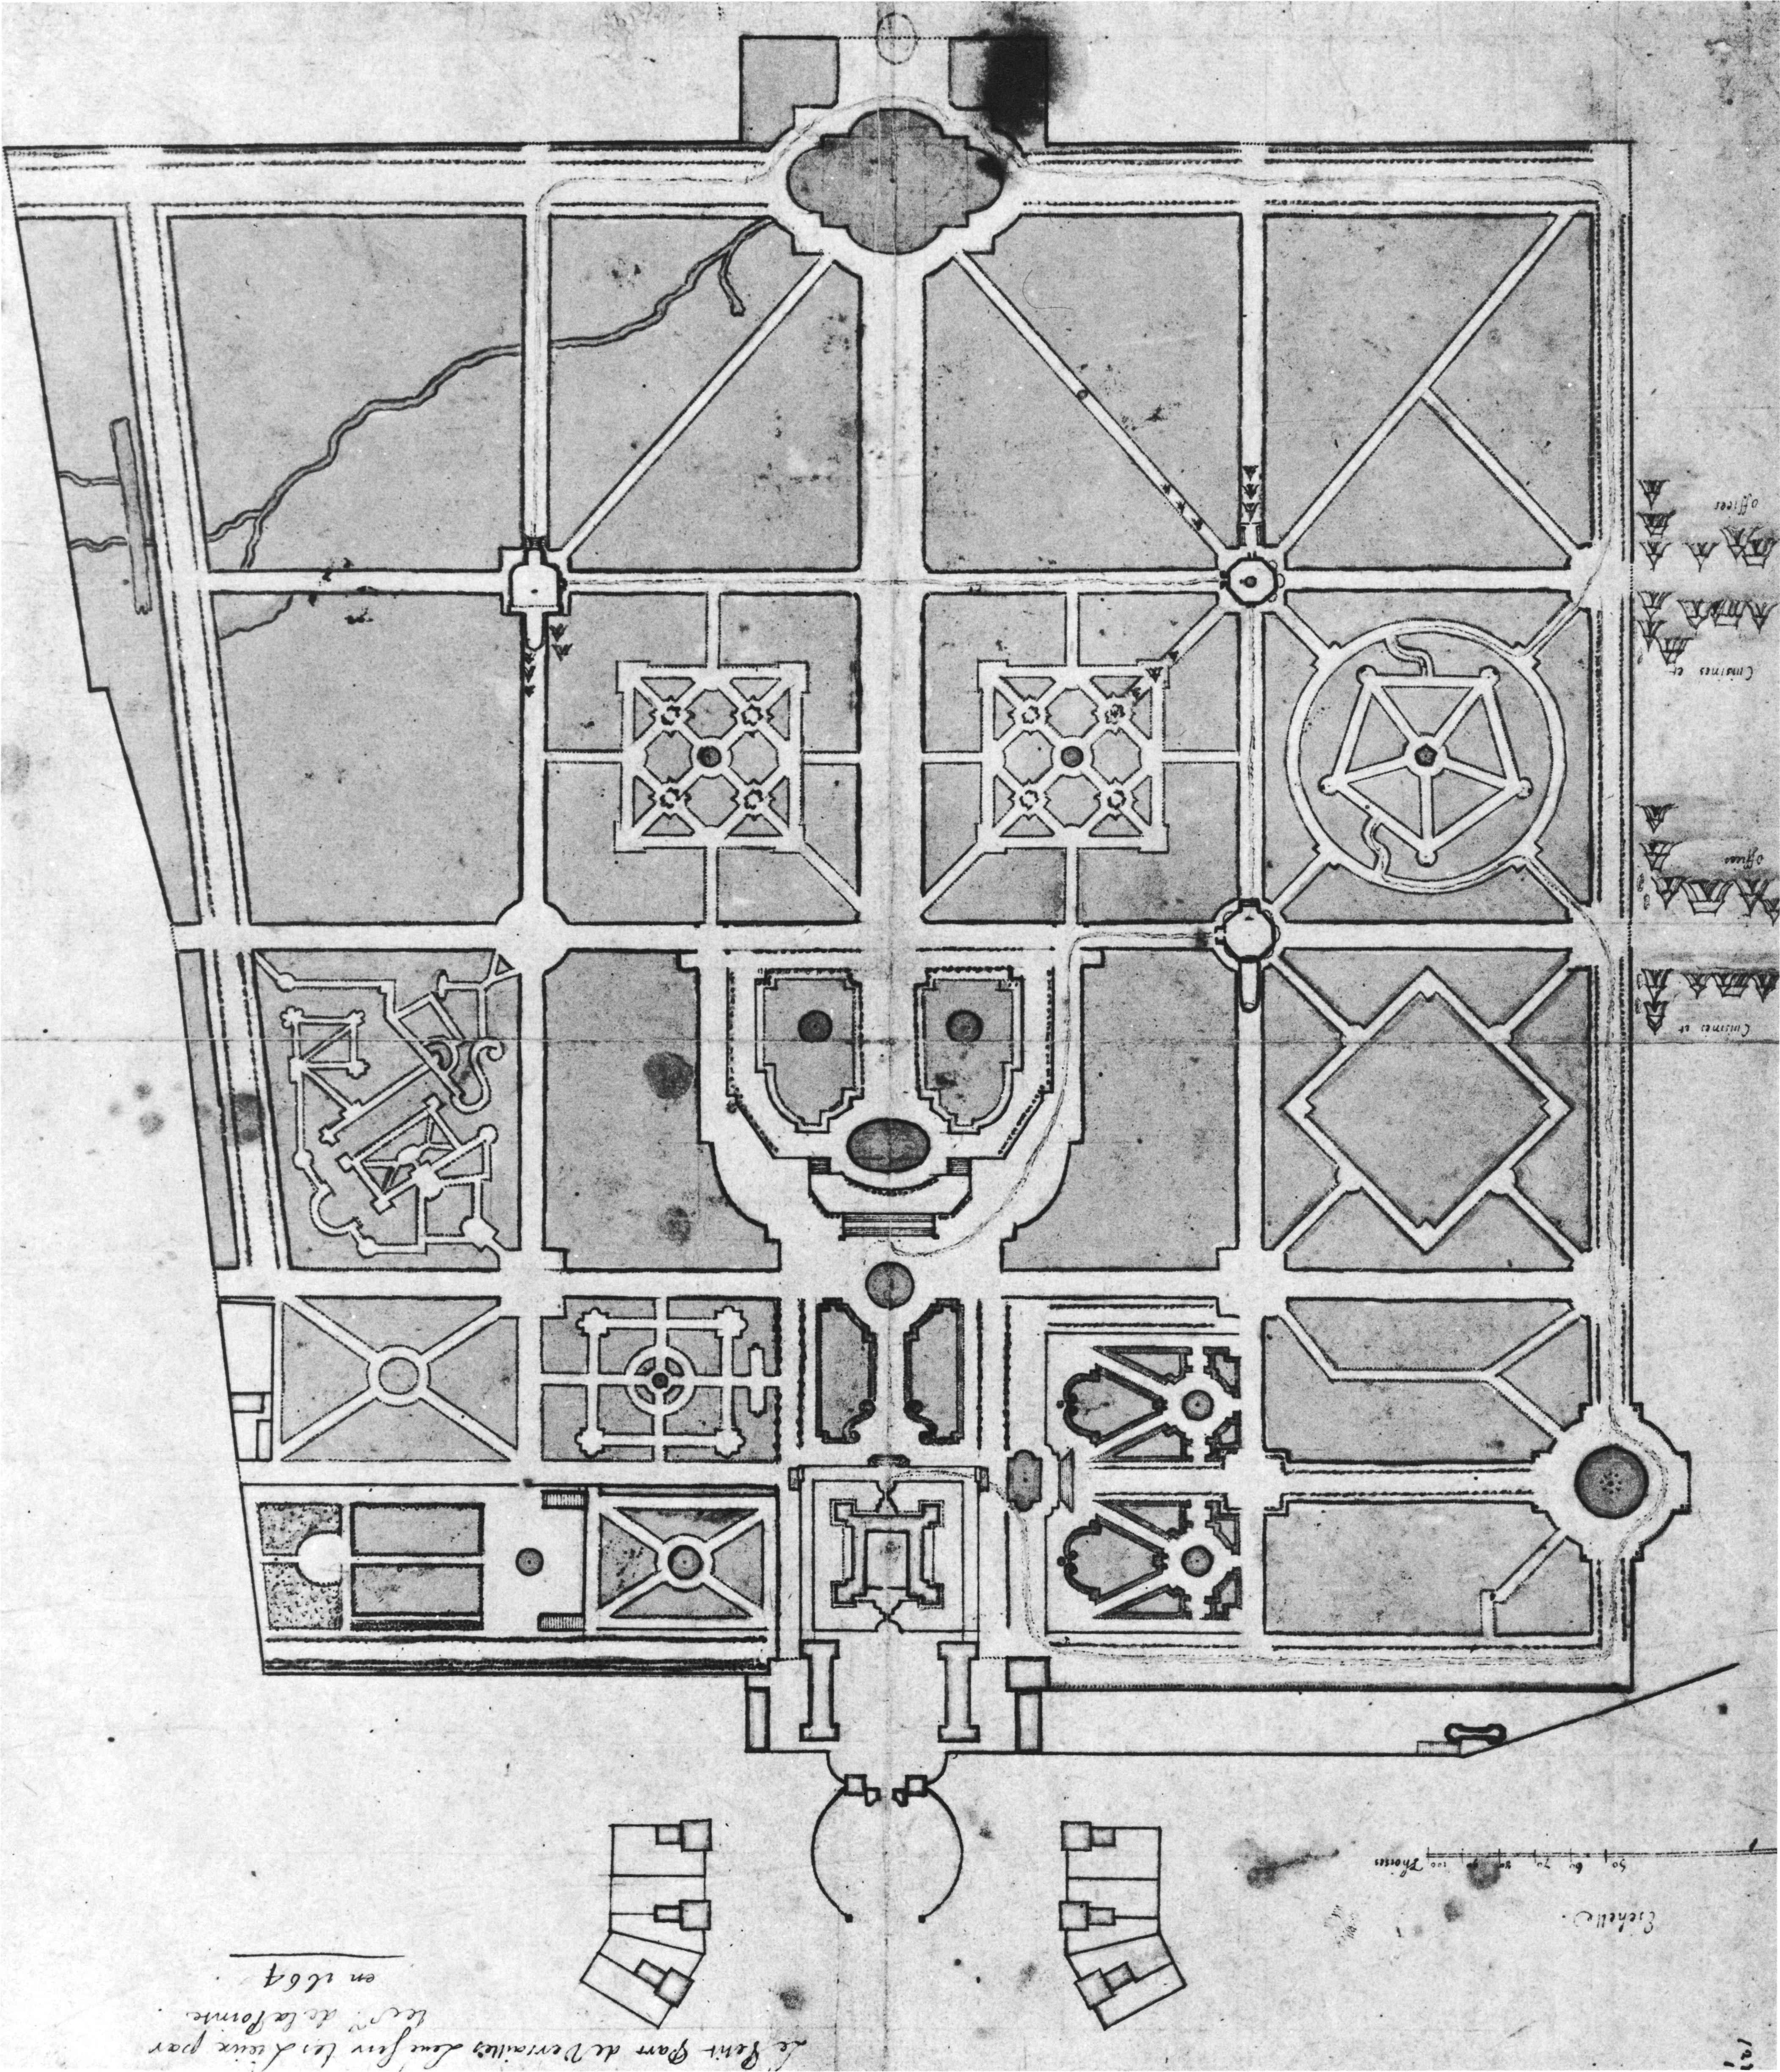 Rencontre Sexe Marseille 10 (13010), Trouves Ton Plan Cul Sur Gare Aux Coquines